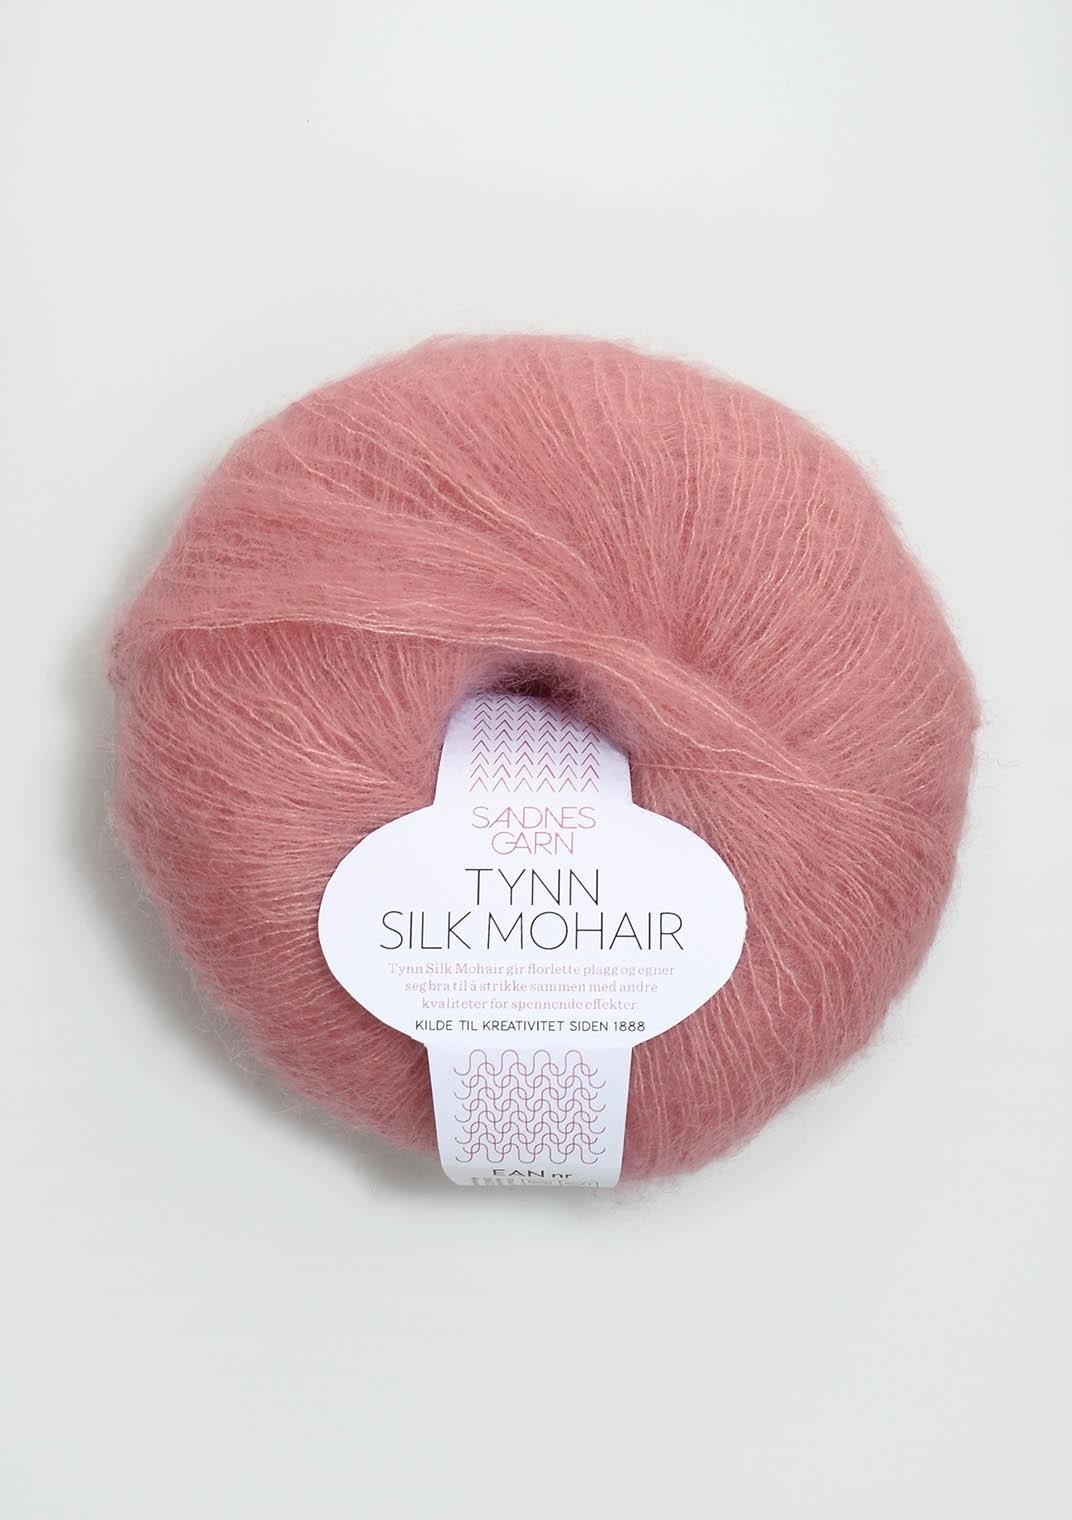 Tynn silk mohair 4323 rosa